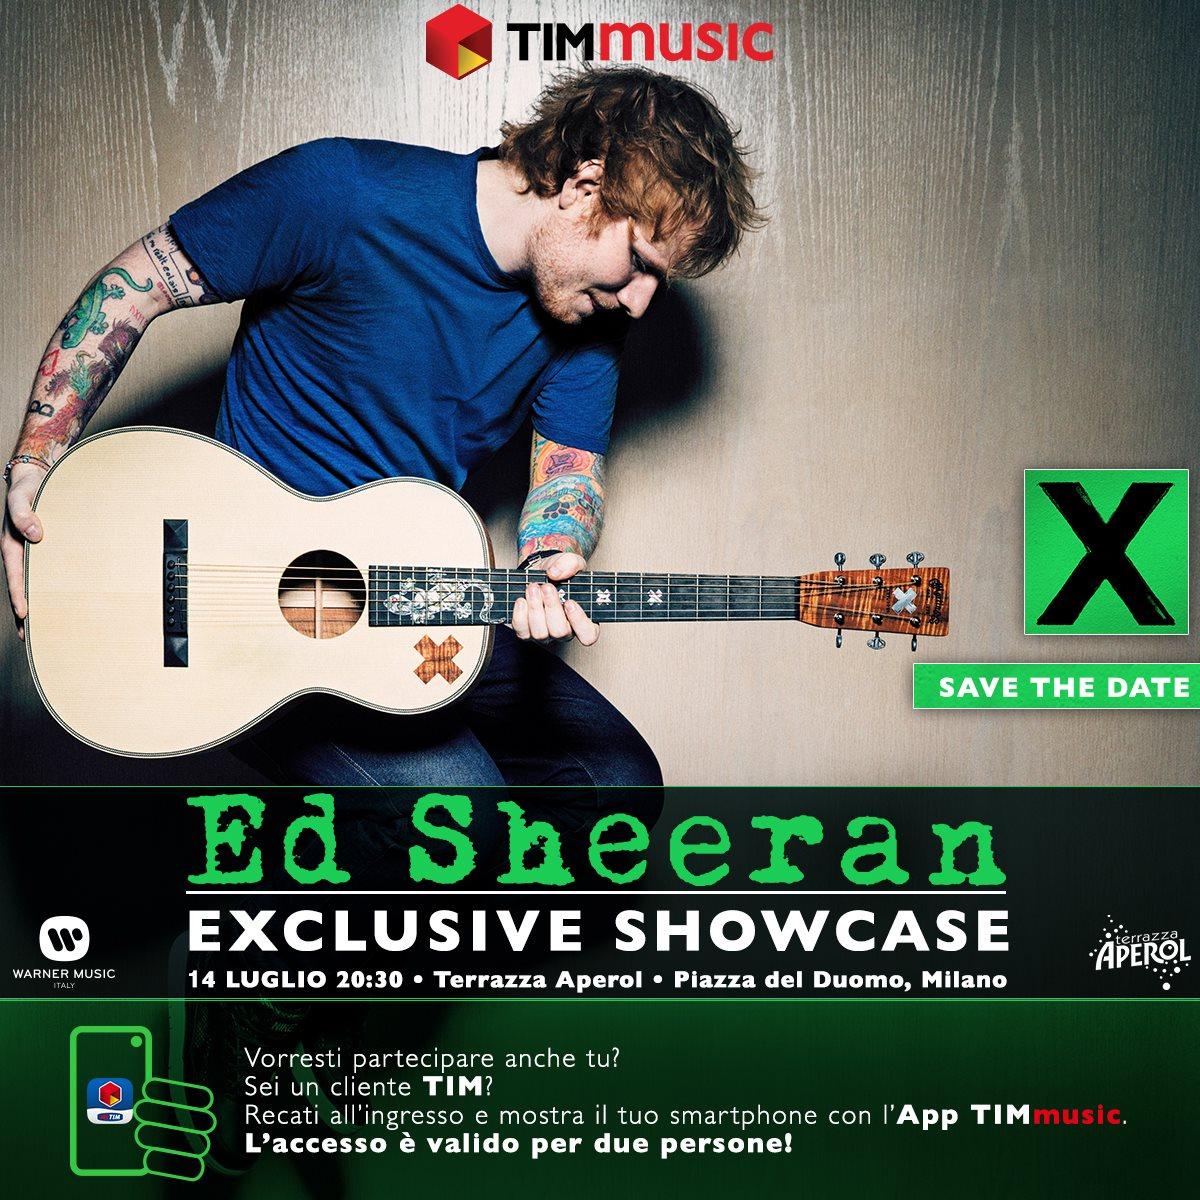 Ed Sheeran A Milano Il 14 Luglio Tutti Gli Appuntamenti